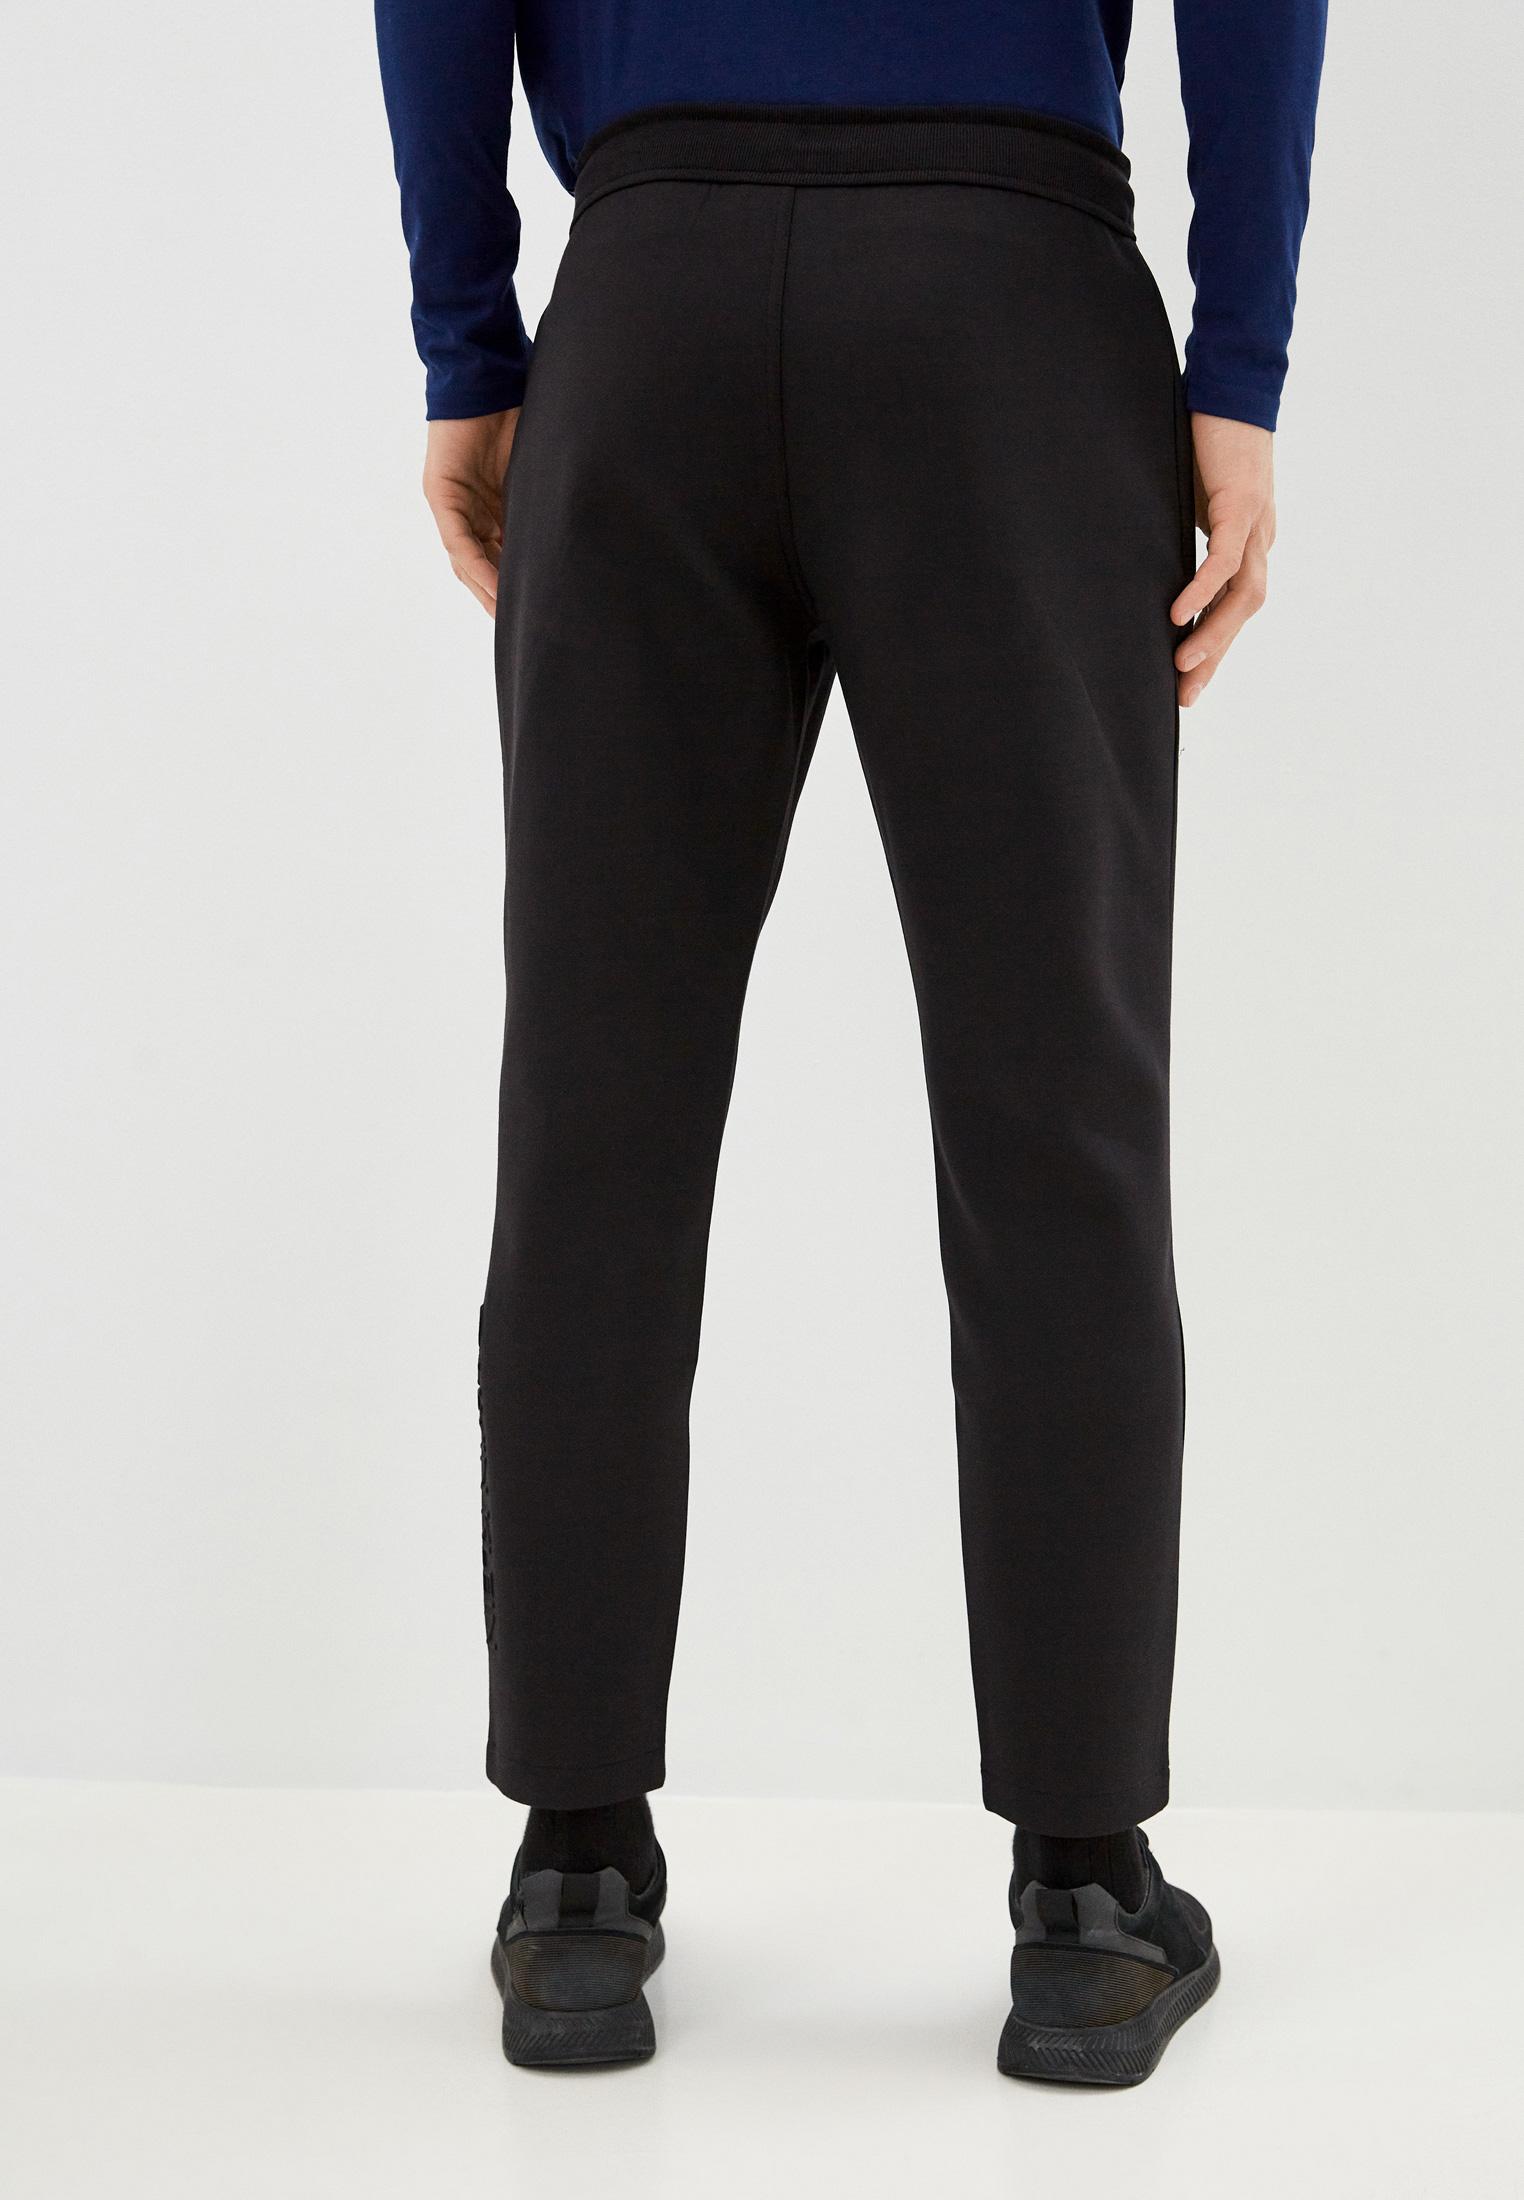 Мужские спортивные брюки Calvin Klein (Кельвин Кляйн) k10k105725: изображение 4